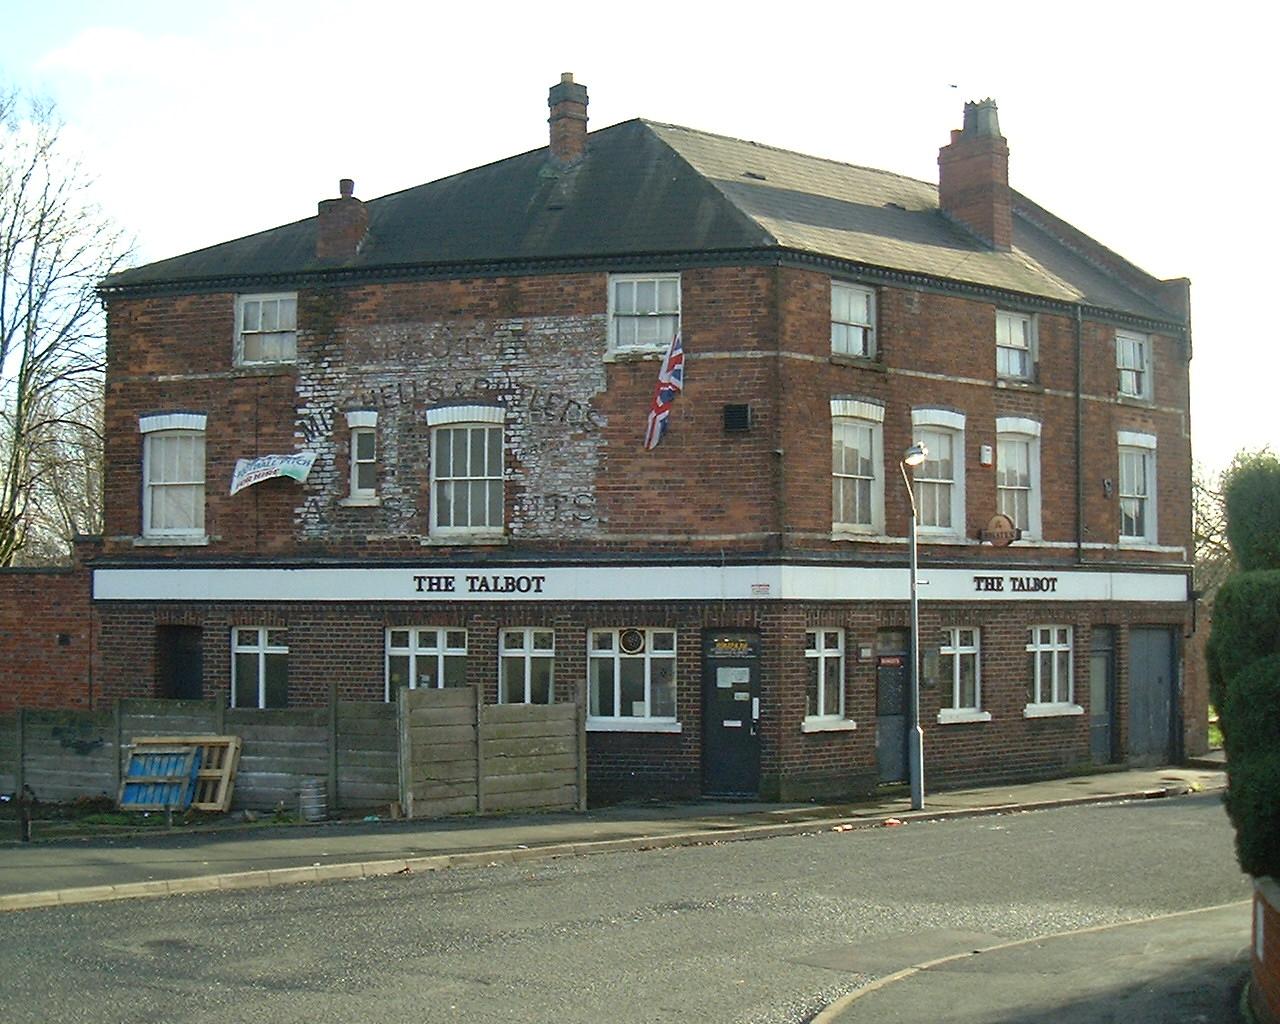 THE TALBOT pub in 2005. DEMOLISHED around 2012